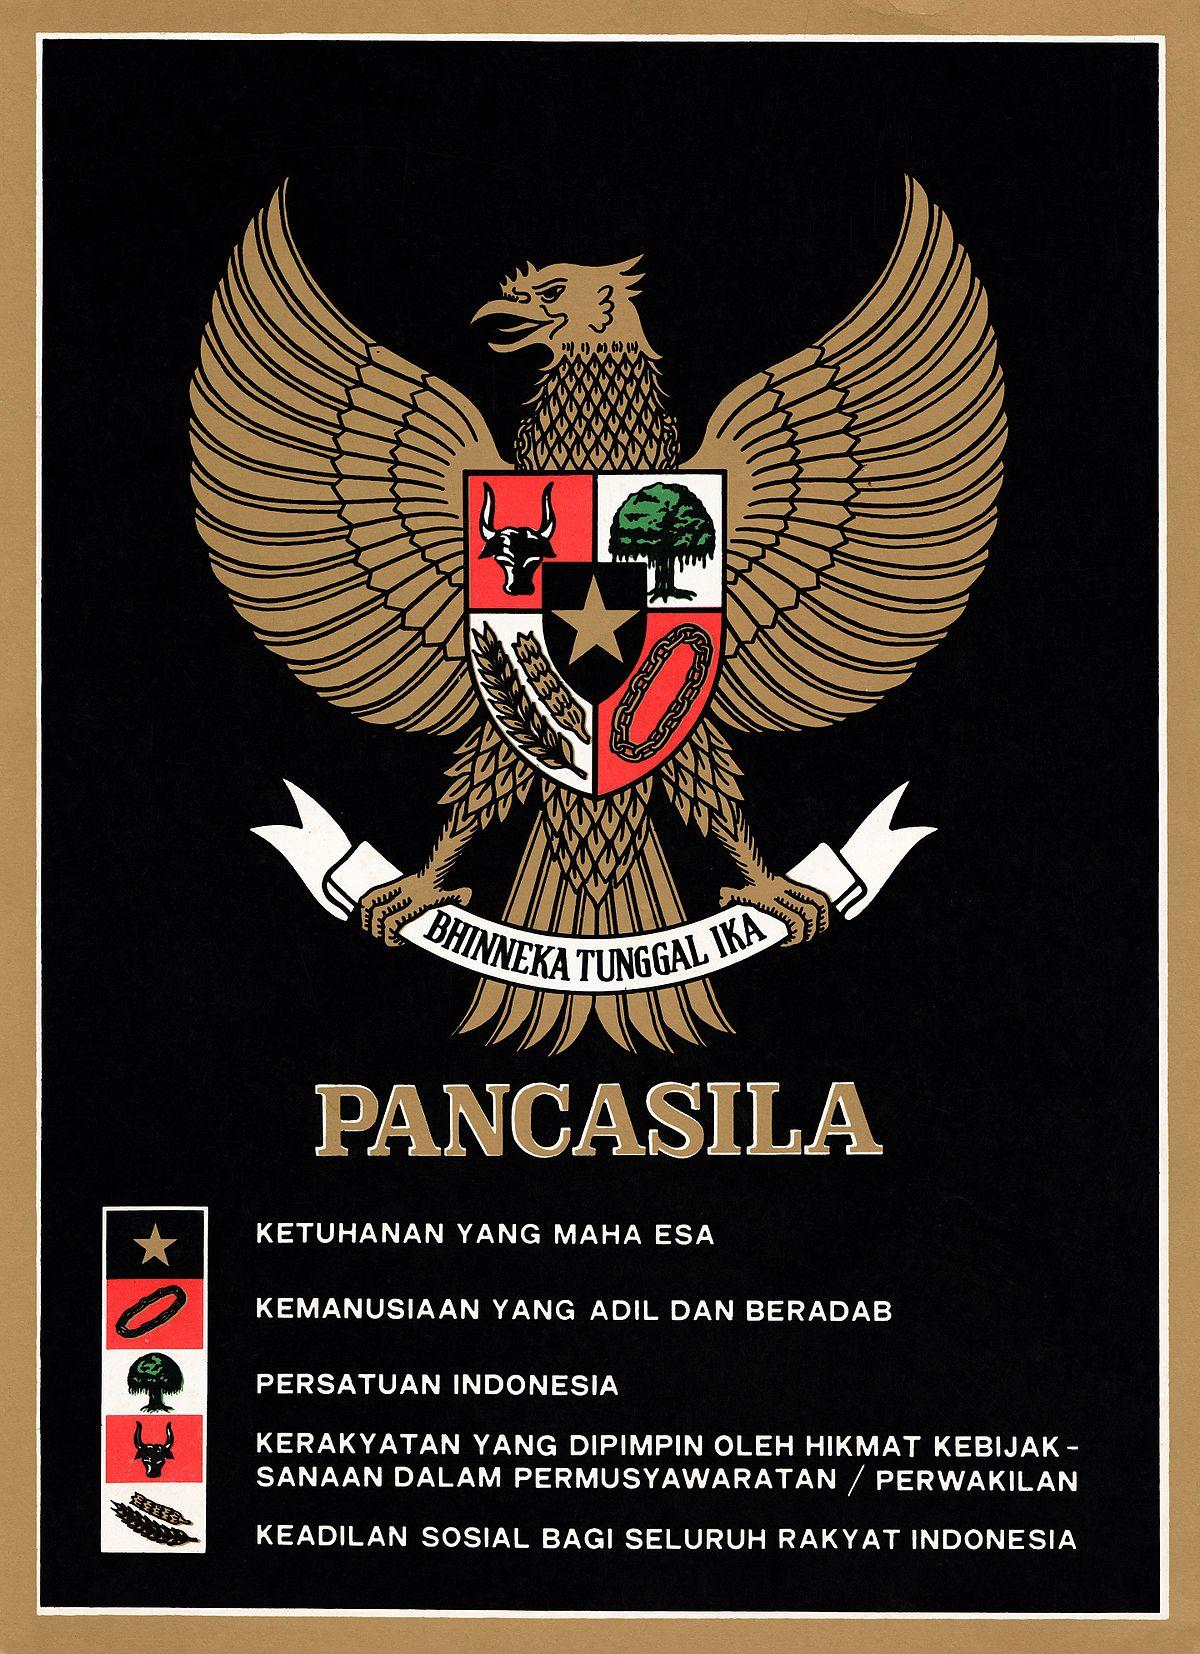 PANCASILA-MKU6208